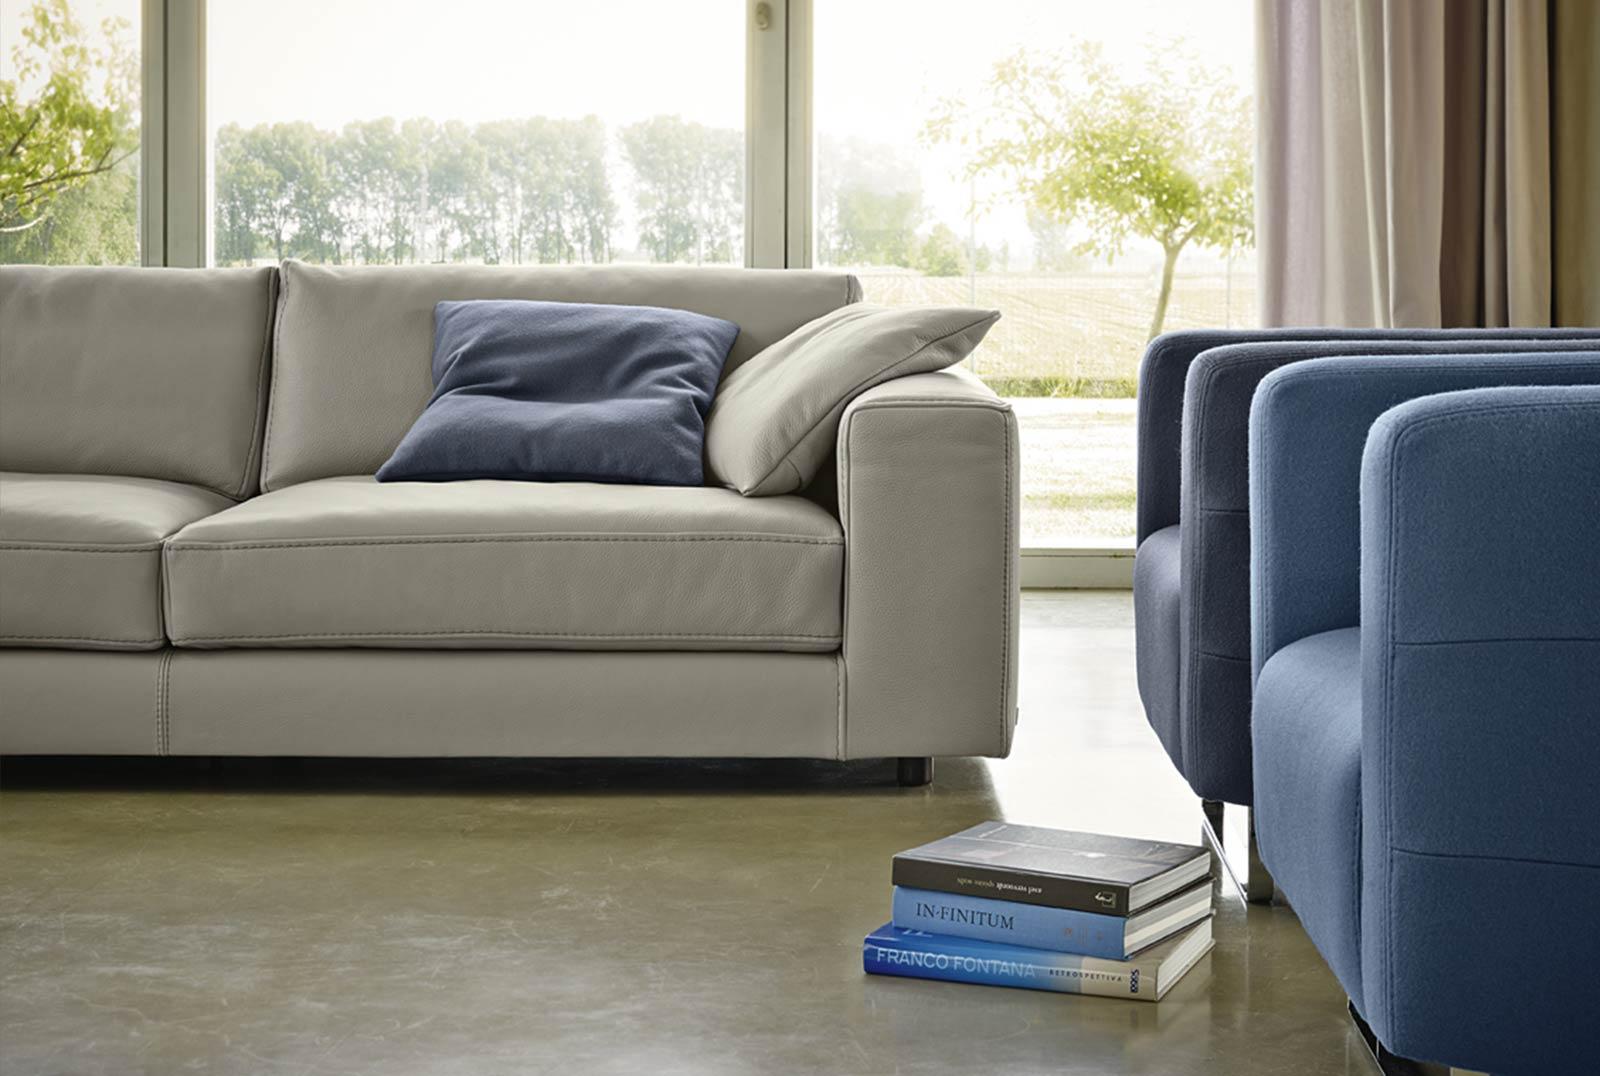 Accueil meubles design mobilier et luminaires for Design suisse meuble